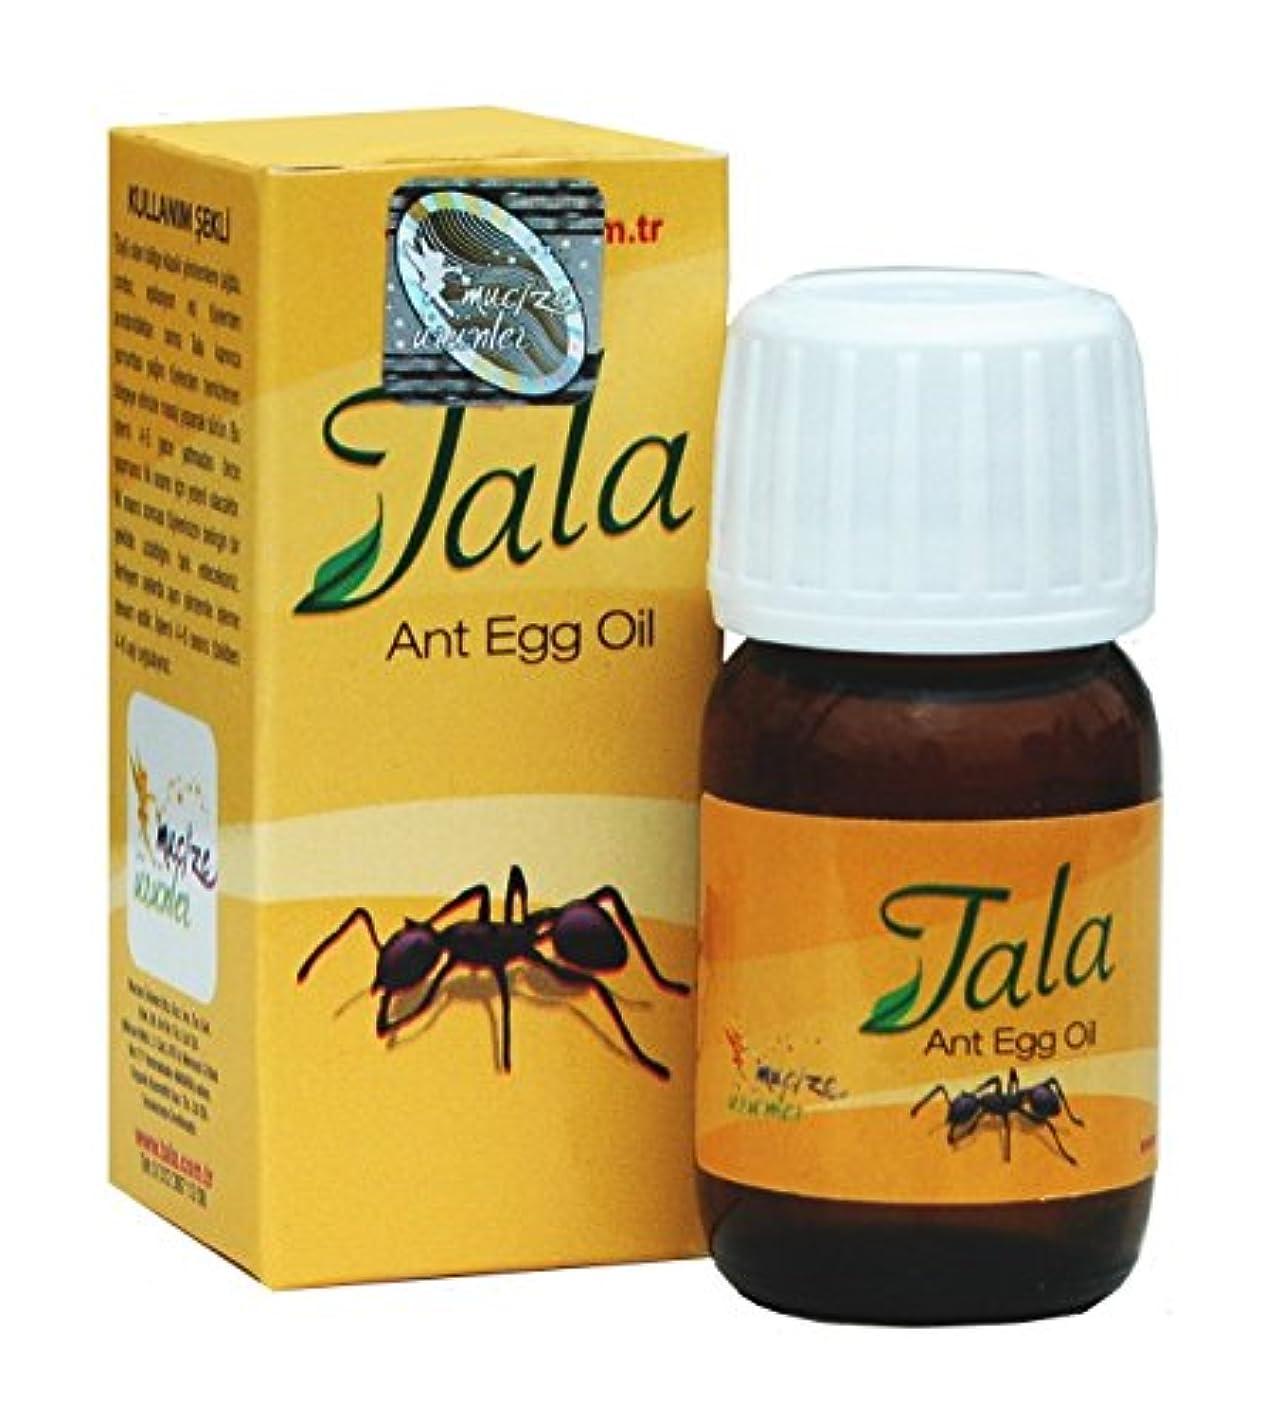 アラブ人機械的に指定するTala Ant Egg Oil (アリ脱毛オイル) 20 ml [並行輸入品]